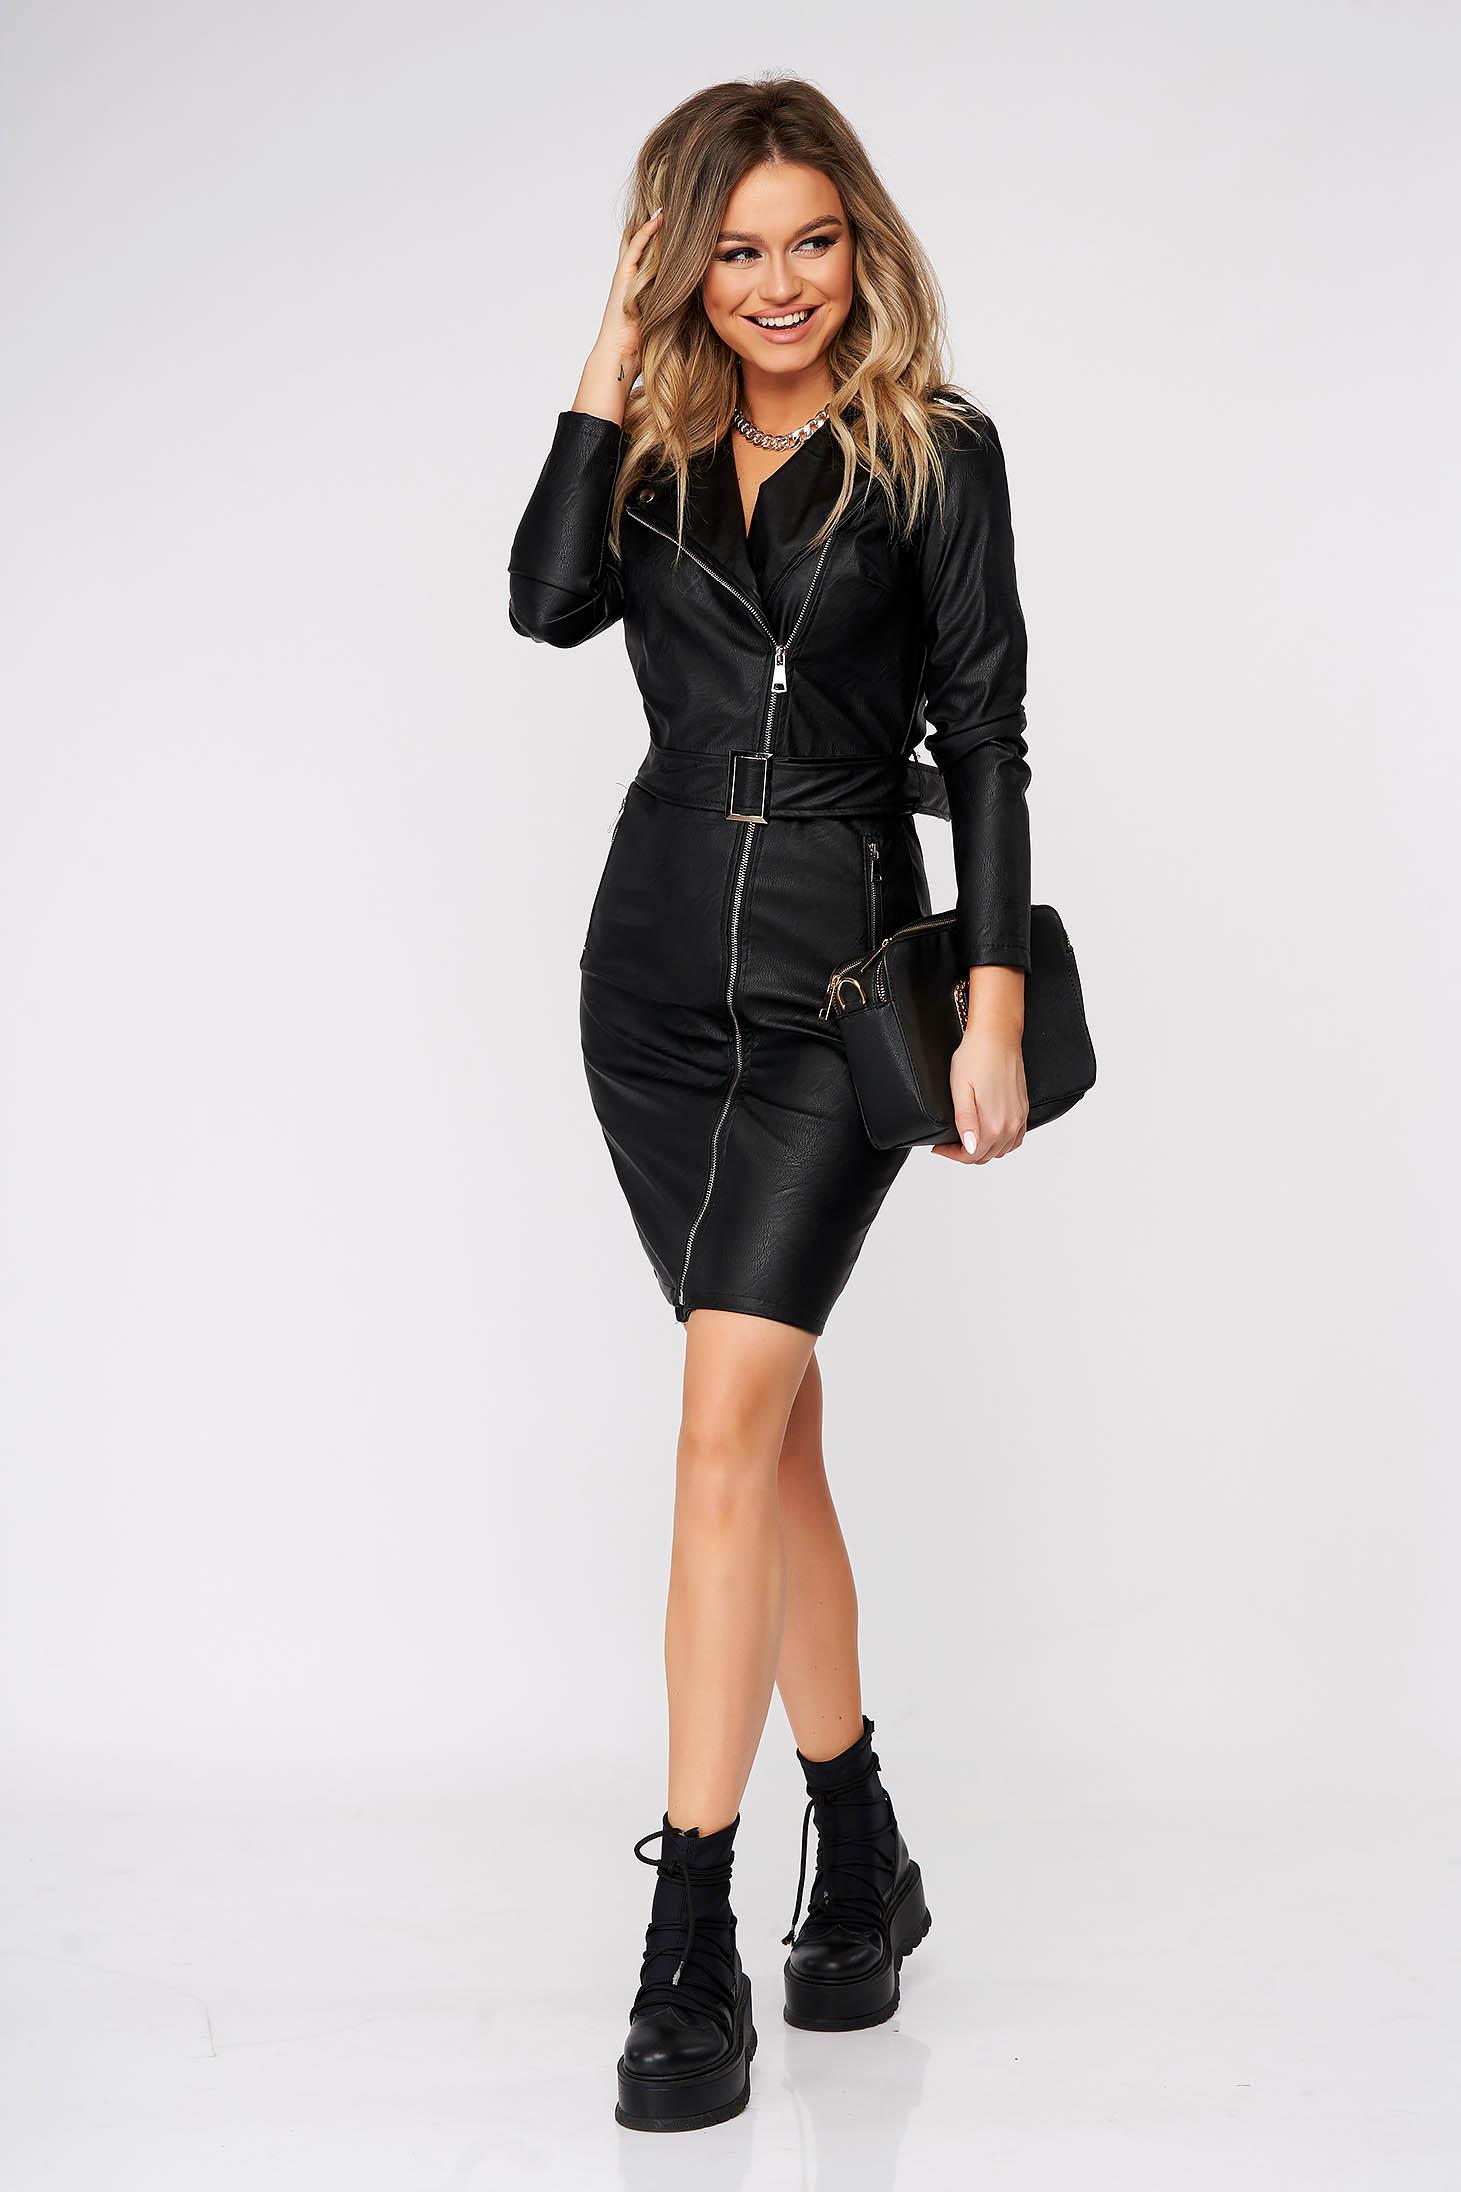 Rochie SunShine neagra casual cu un croi cambrat imitatie de piele accesorizata cu cordon